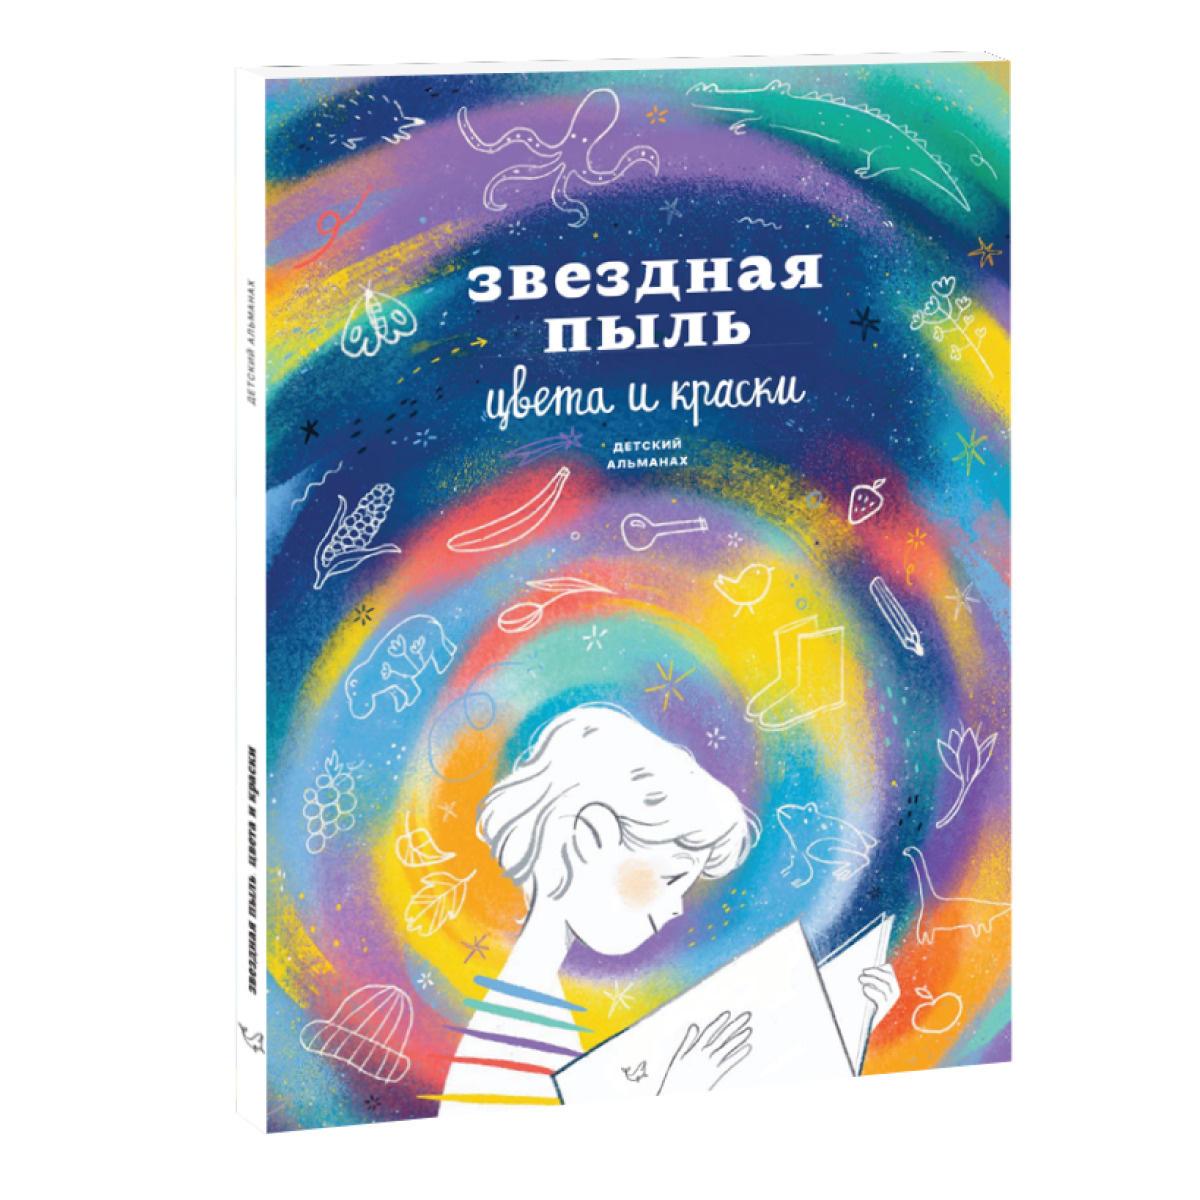 Звездная пыль. Цвета и краски. Детский альманах #1